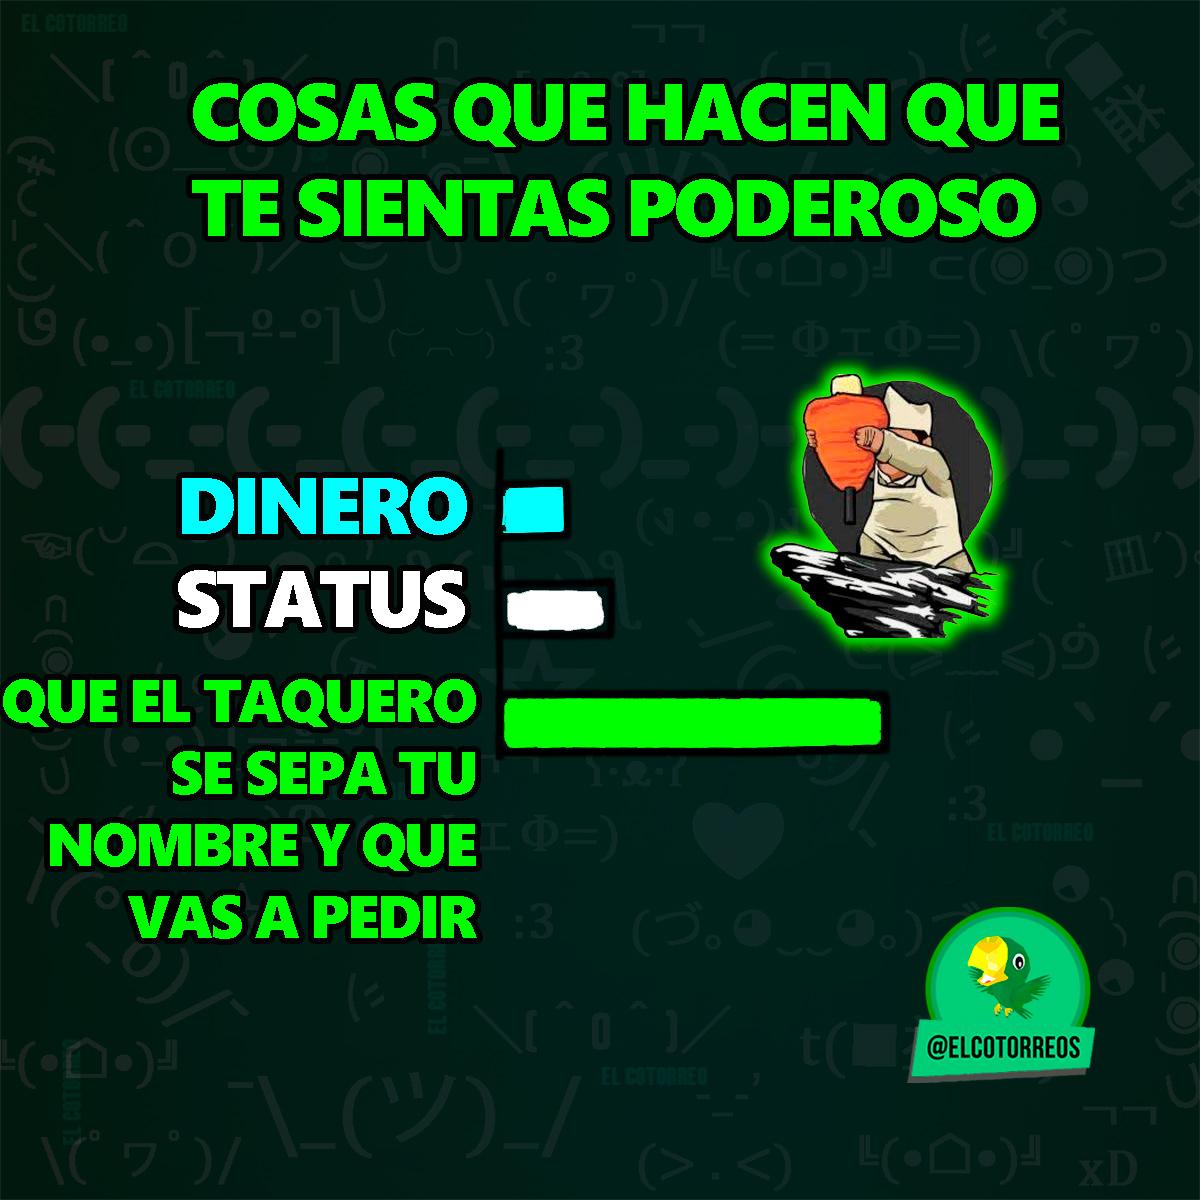 Sígueme  para mucho mas: @elcotorreos  #memesespañol #momazos #momazo #memazos #momo #momos #memes #meme #humor #sdlg #momossad #momos_4k #repoio #cmamo #cmamut #chistes #gracioso #funnymemes #memes#lmao #memesdailypic.twitter.com/hiisuERsq0